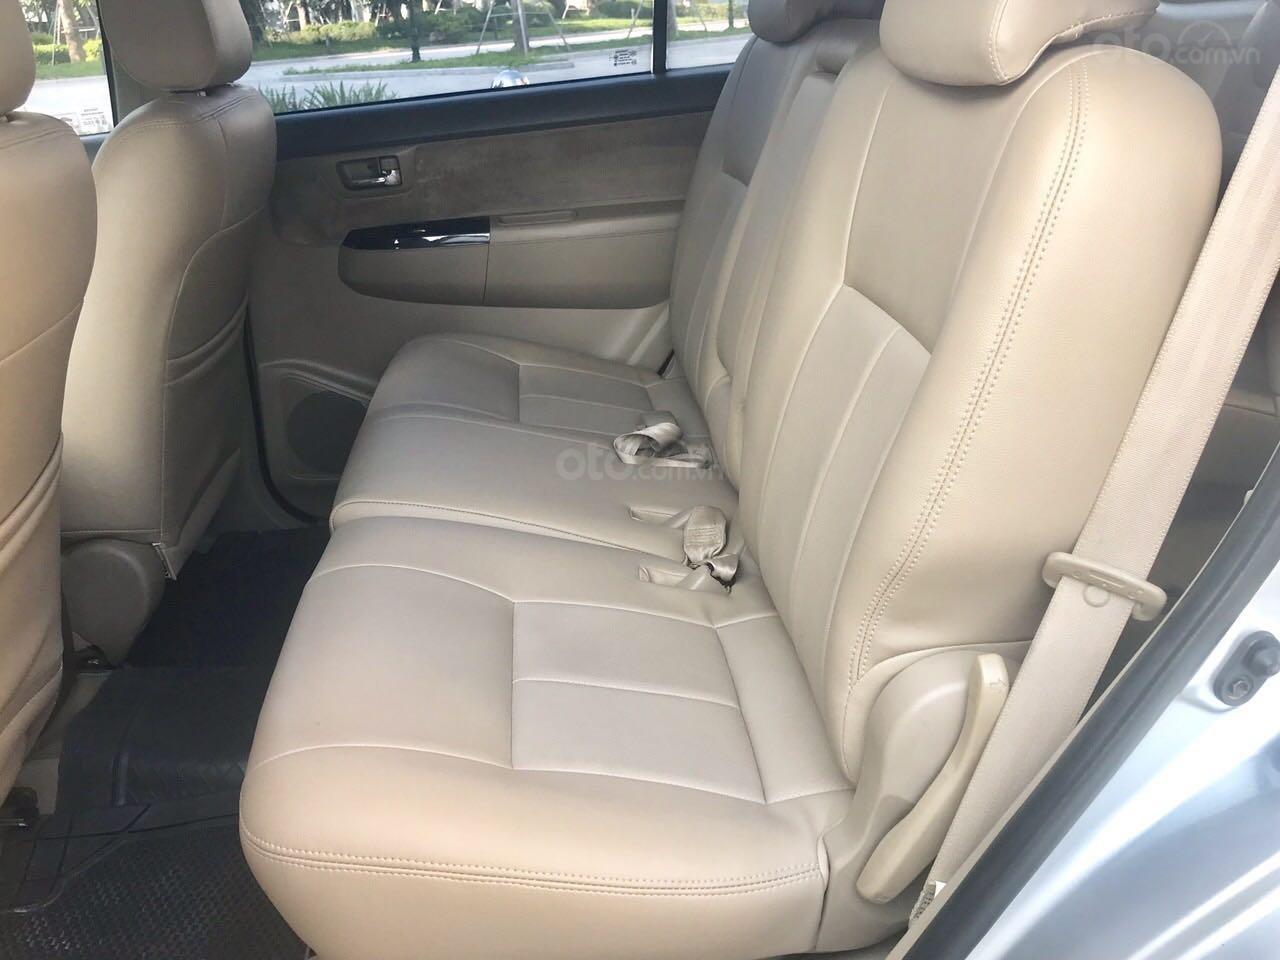 Cần bán xe Toyota Fortuner đăng ký lần đầu 2012, màu bạc, nhập khẩu nguyên chiếc, giá chỉ 670 triệu đồng (6)